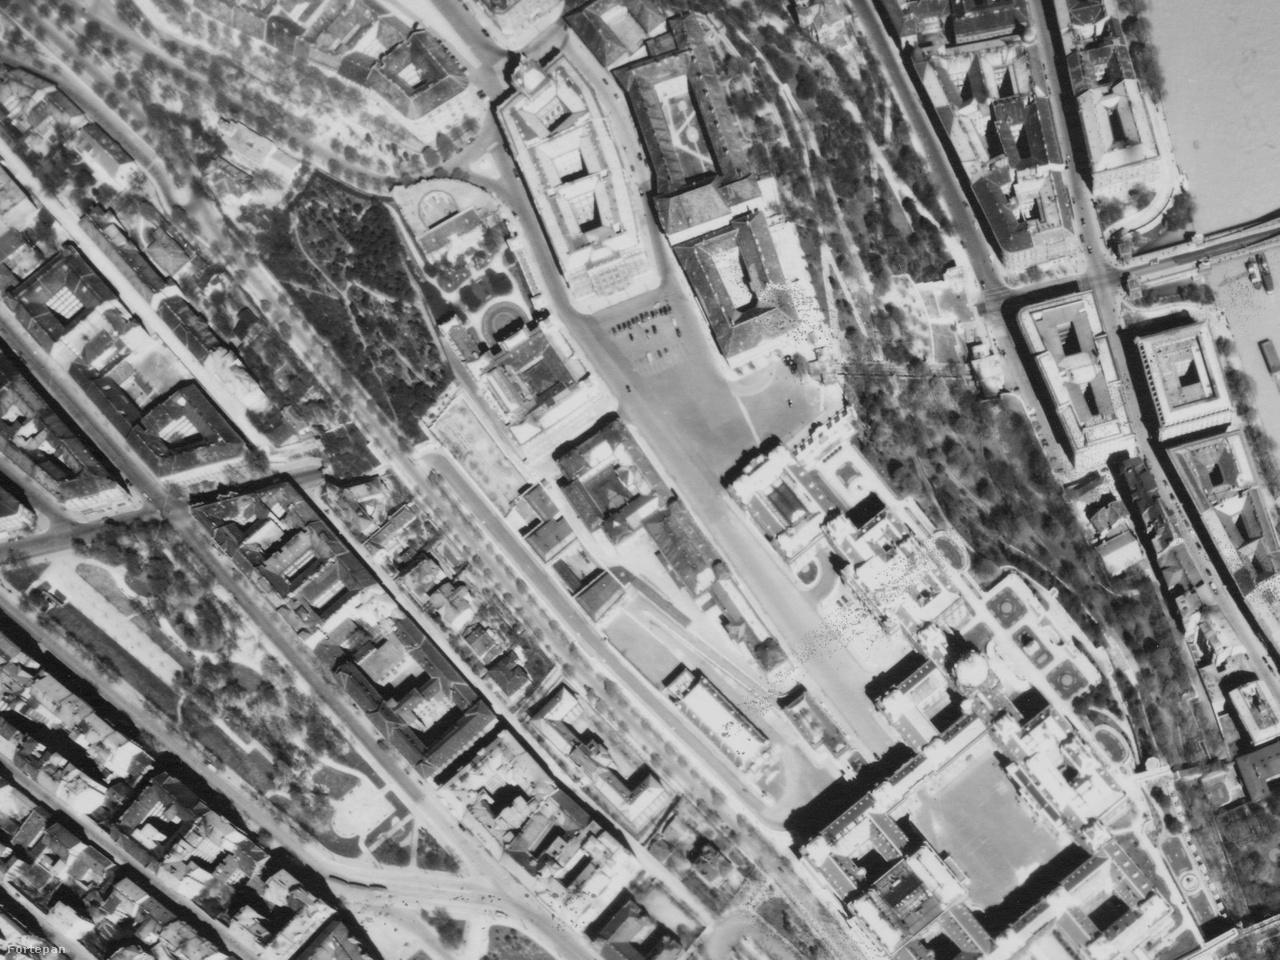 A legfurcsább egykor és ma képpárt kicsivel feljebb, a Királyi Palotánál lehetne elkészíteni. A                         Sándor-palota környékén (ahol a légi felvétel szerint akkoriban a legtöbb autó állt Budapesten) ma                         hatalmas rommező van, de mint a fotón is látható, egykor rengeteg épület állt itt: a Honvédelmi                         Minisztérium, a Teleki-palota, a Királyi Istállók, a Főőrségi Laktanya, a Királyi Lovarda. A dolog                         pikantériája, hogy ezek az épületek, ma nincsenek sehol, de a jelenlegi tervek szerint újra állni                         fognak. Lehet, hogy egy tíz év múlva készült légi felvétel jobban fog hasonlítani a 1944-es                         állapotra, mint a mai.